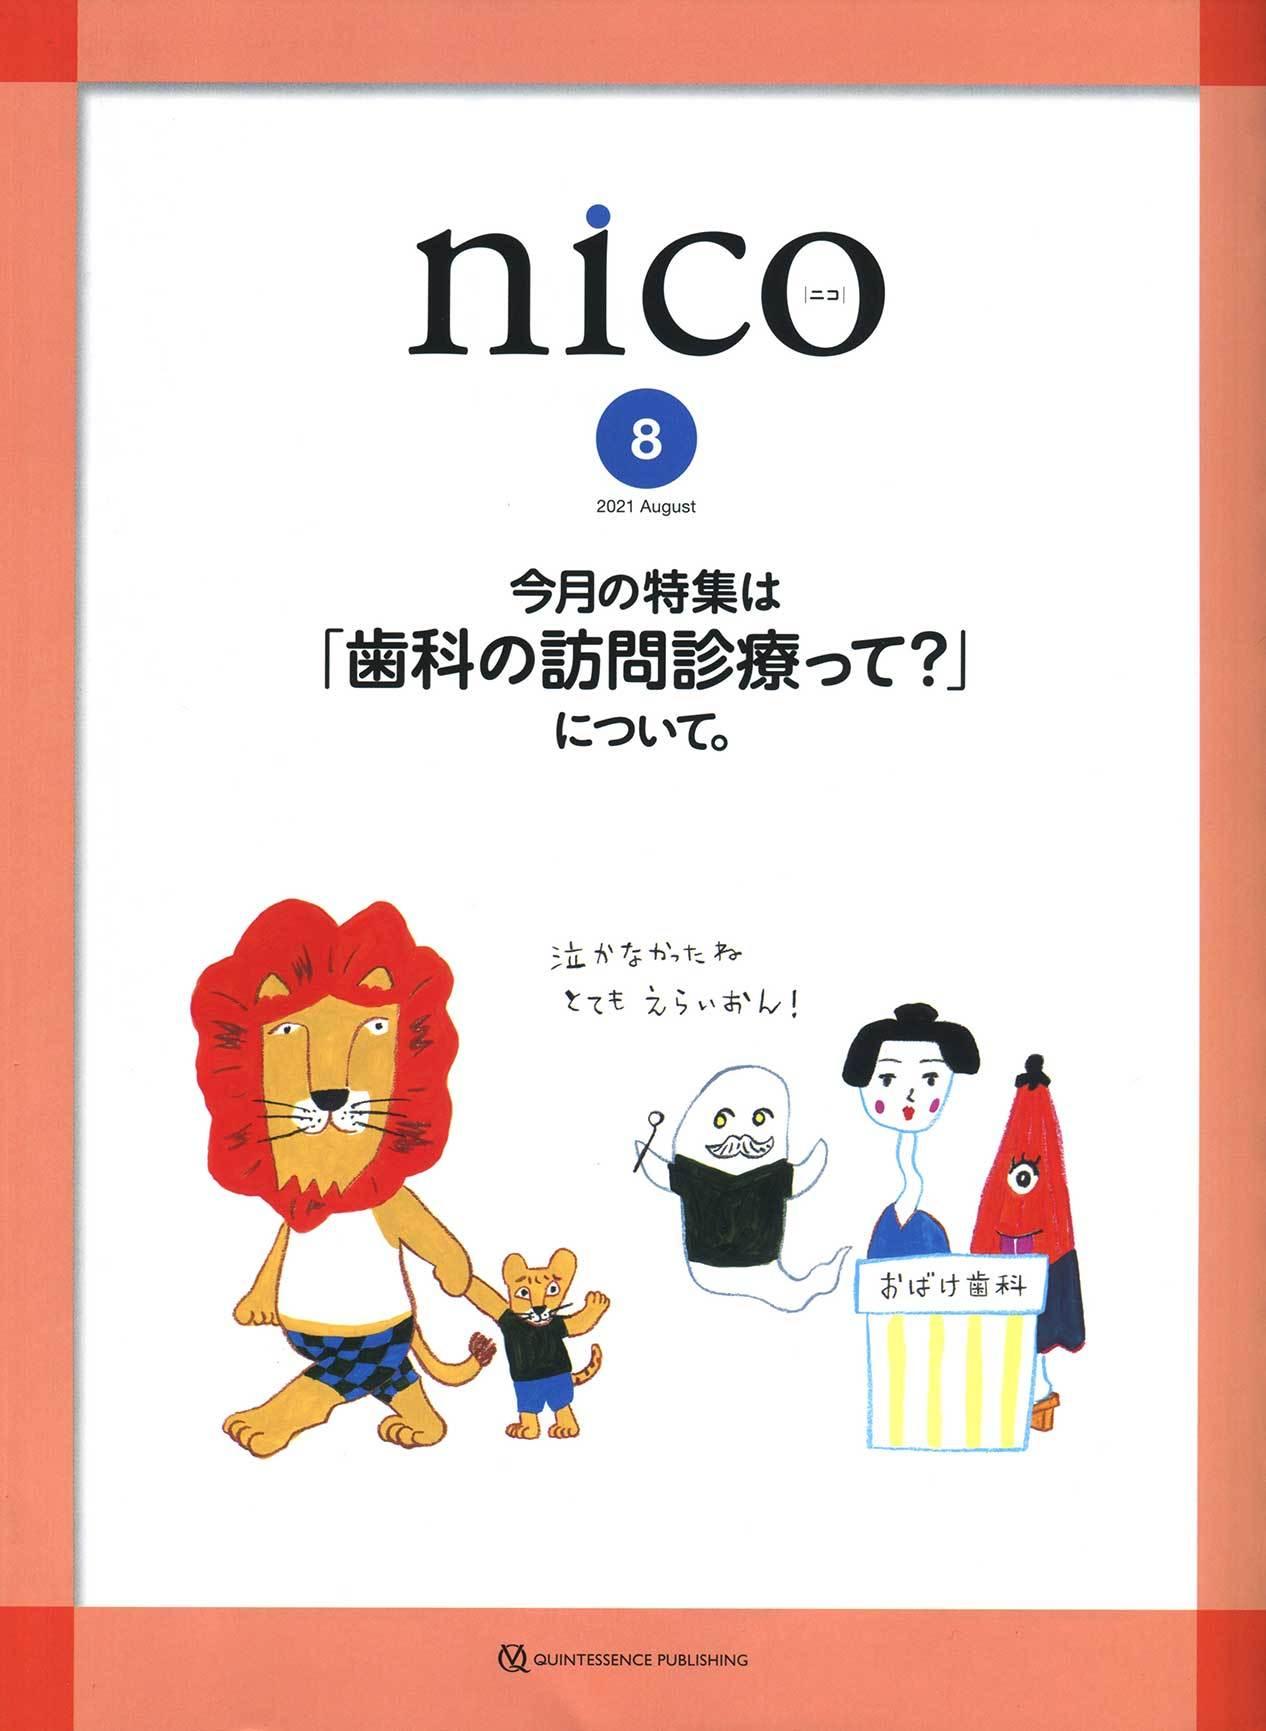 歯科情報誌 nico 2021年8月号 扉イラストレーション_a0048227_17080589.jpg